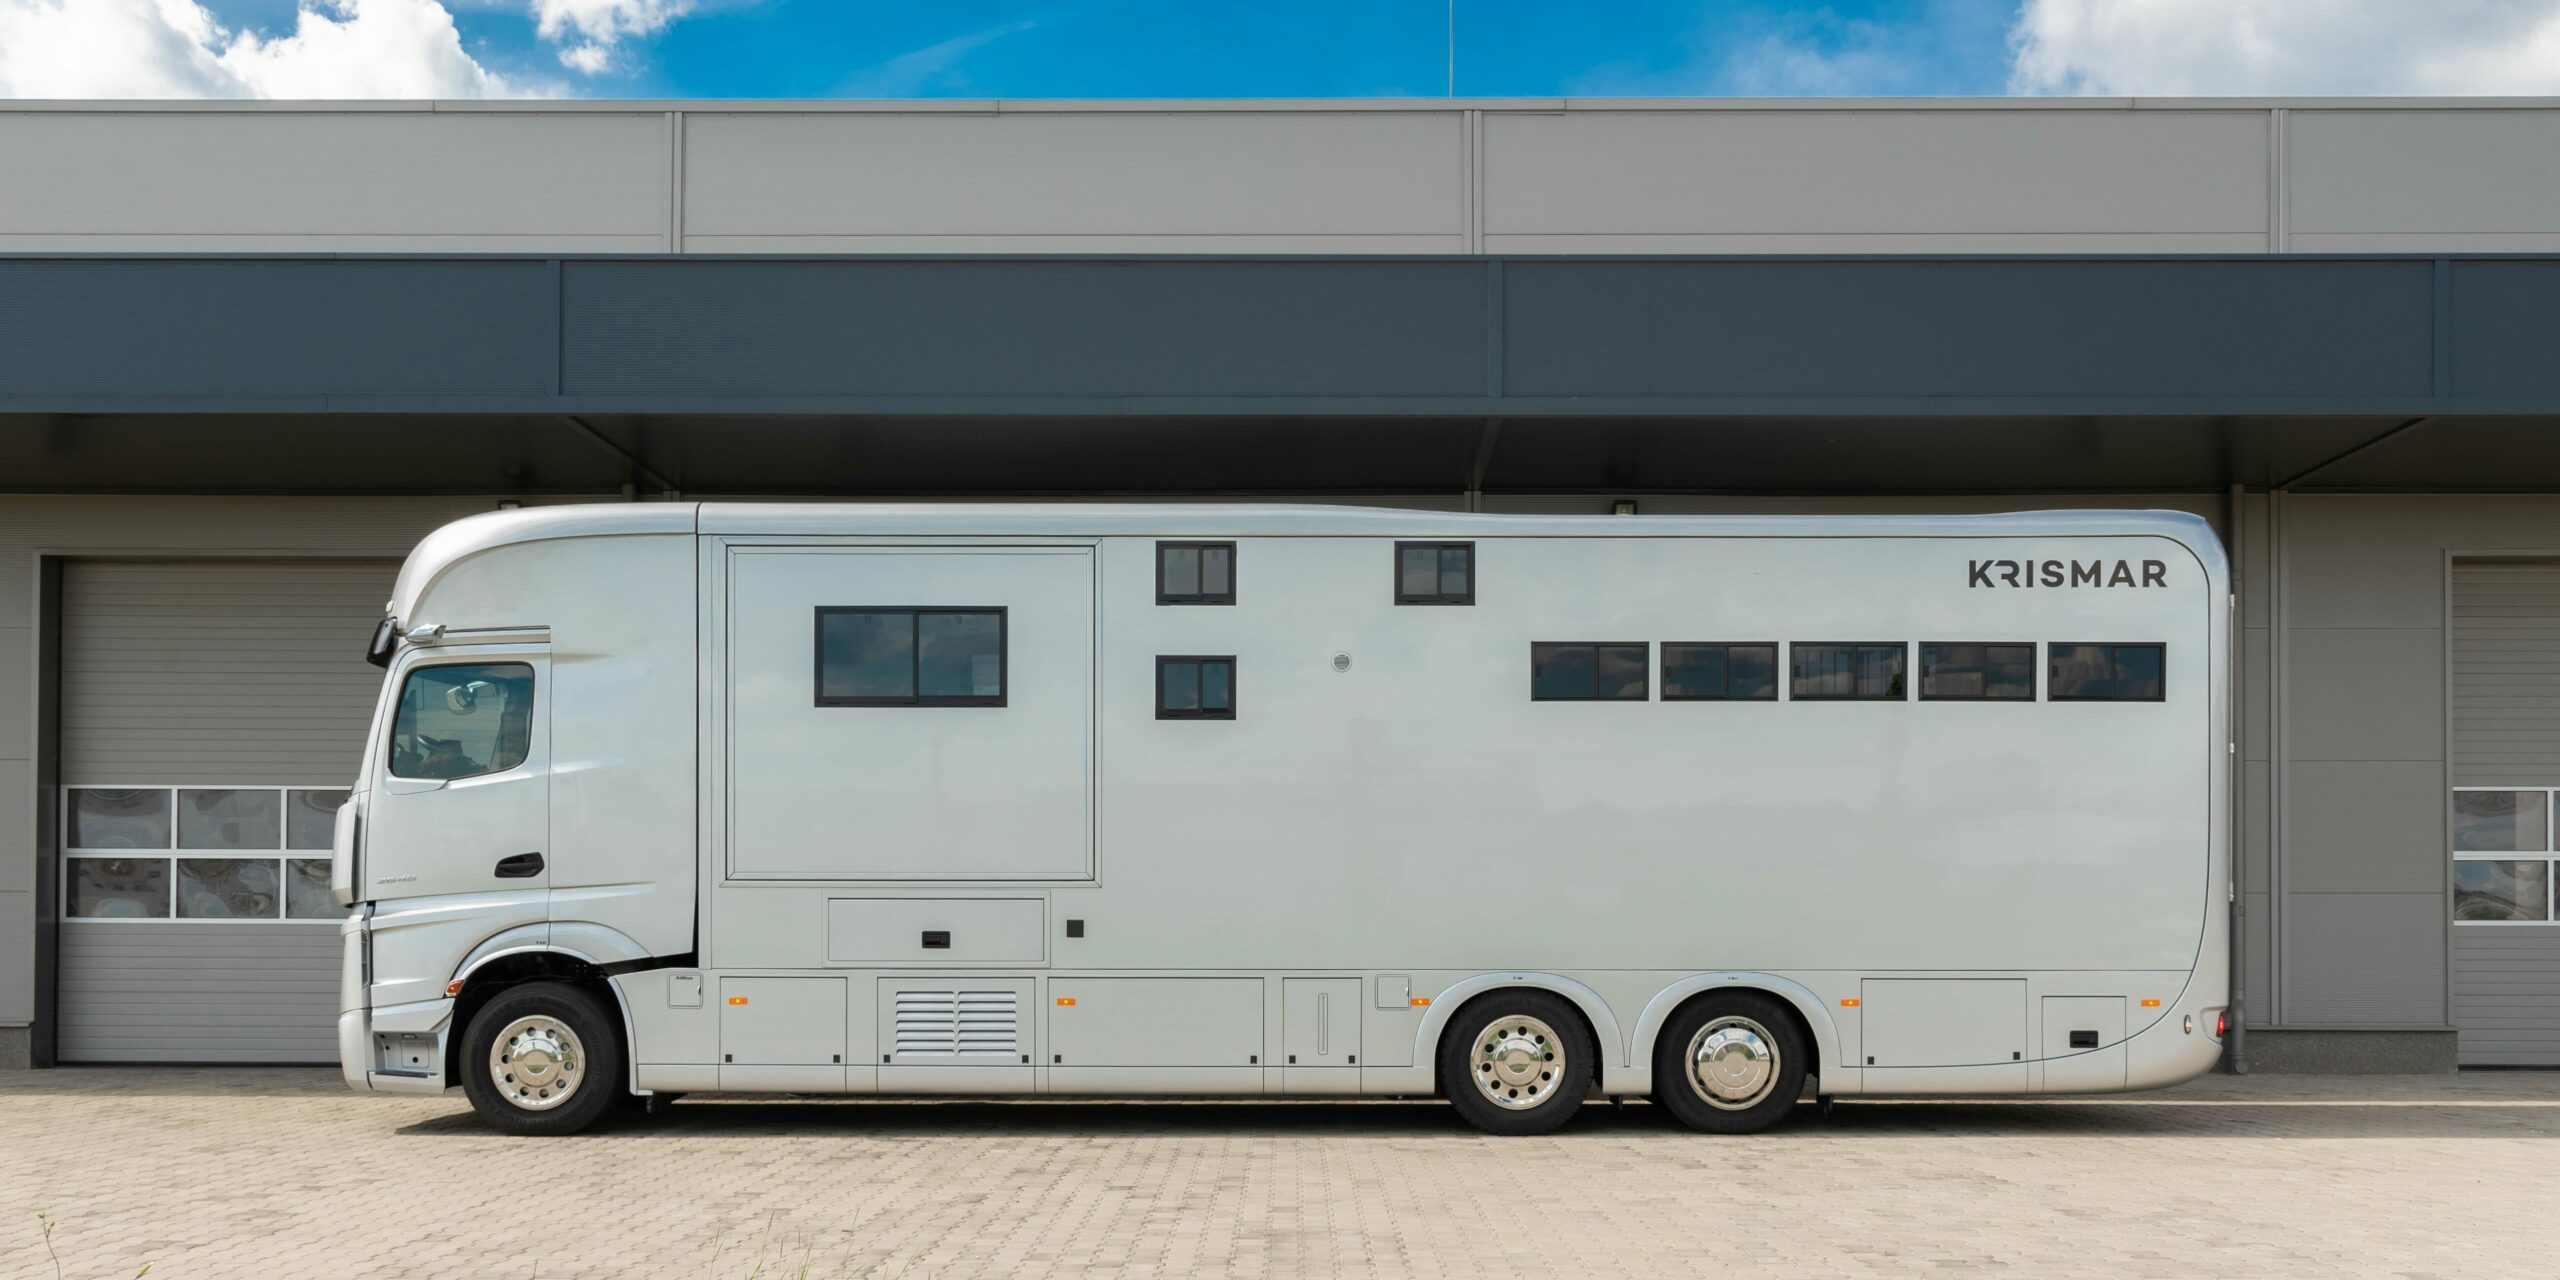 Krismar paardenvrachtwagen in witte kleur